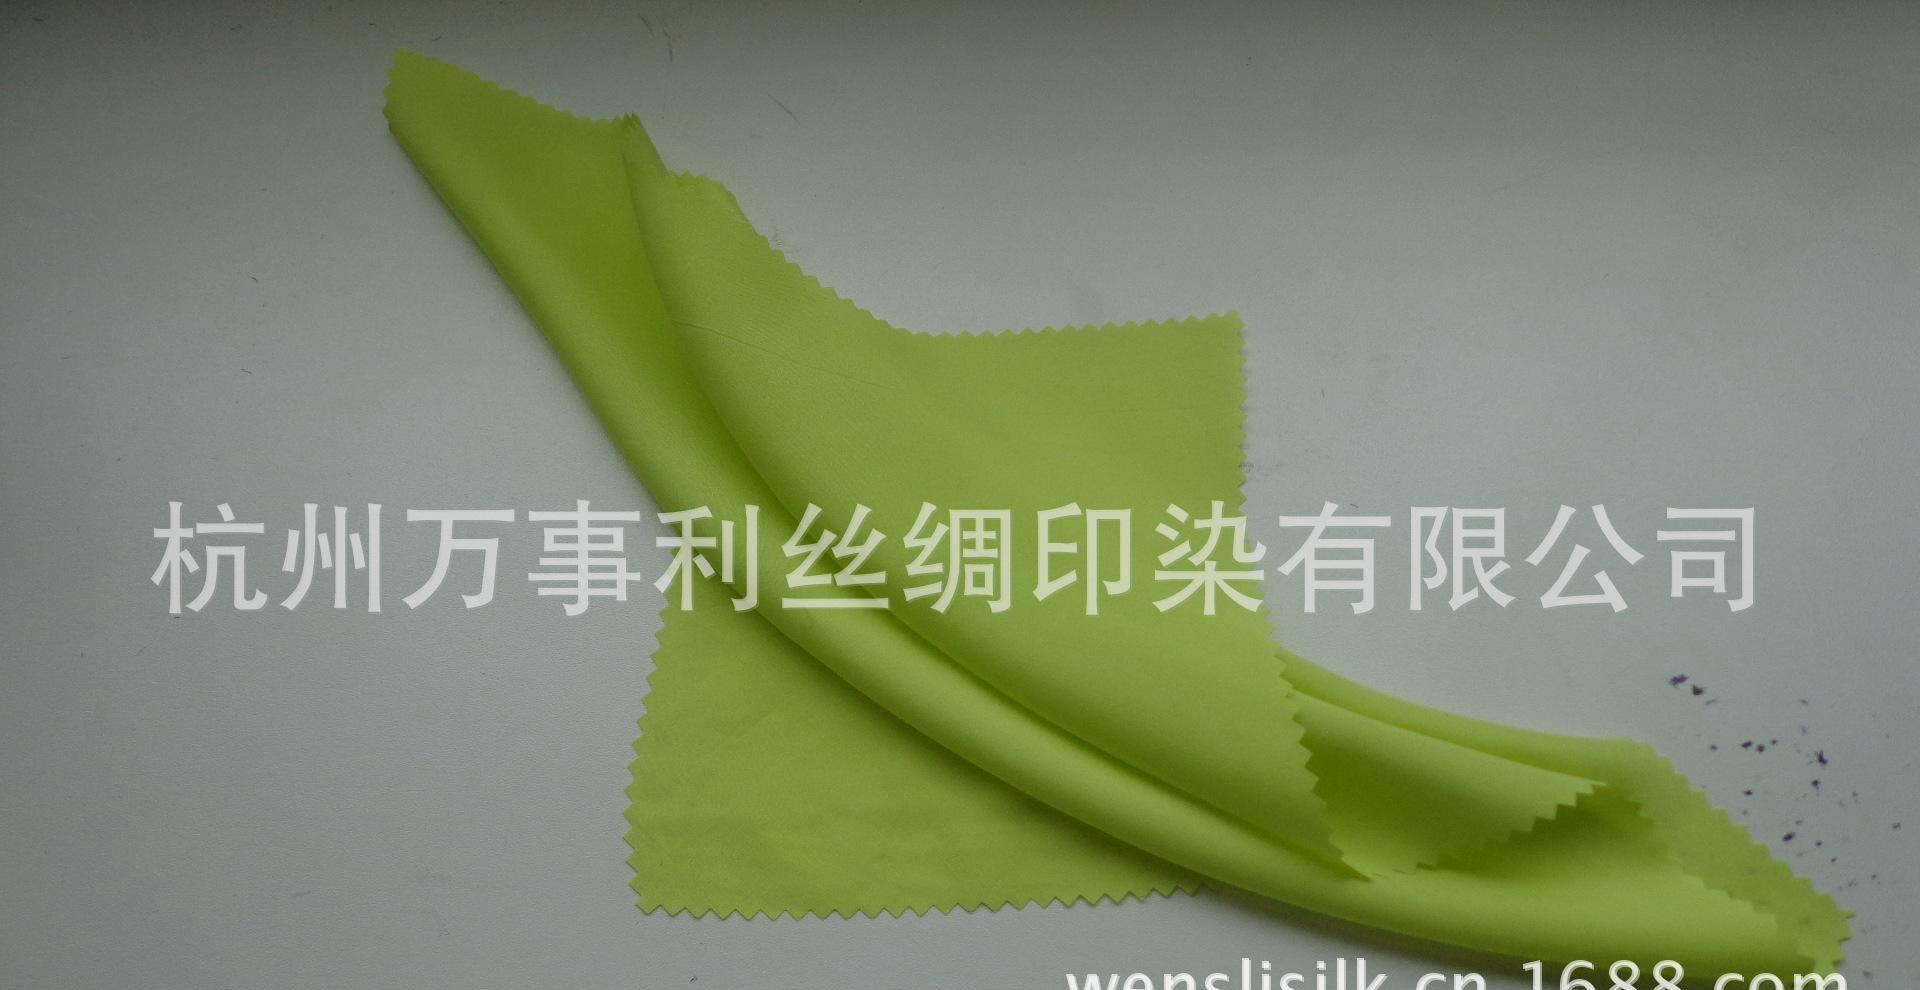 厂家供应 12MM电力纺 100%桑蚕丝 高档时装 女装面料